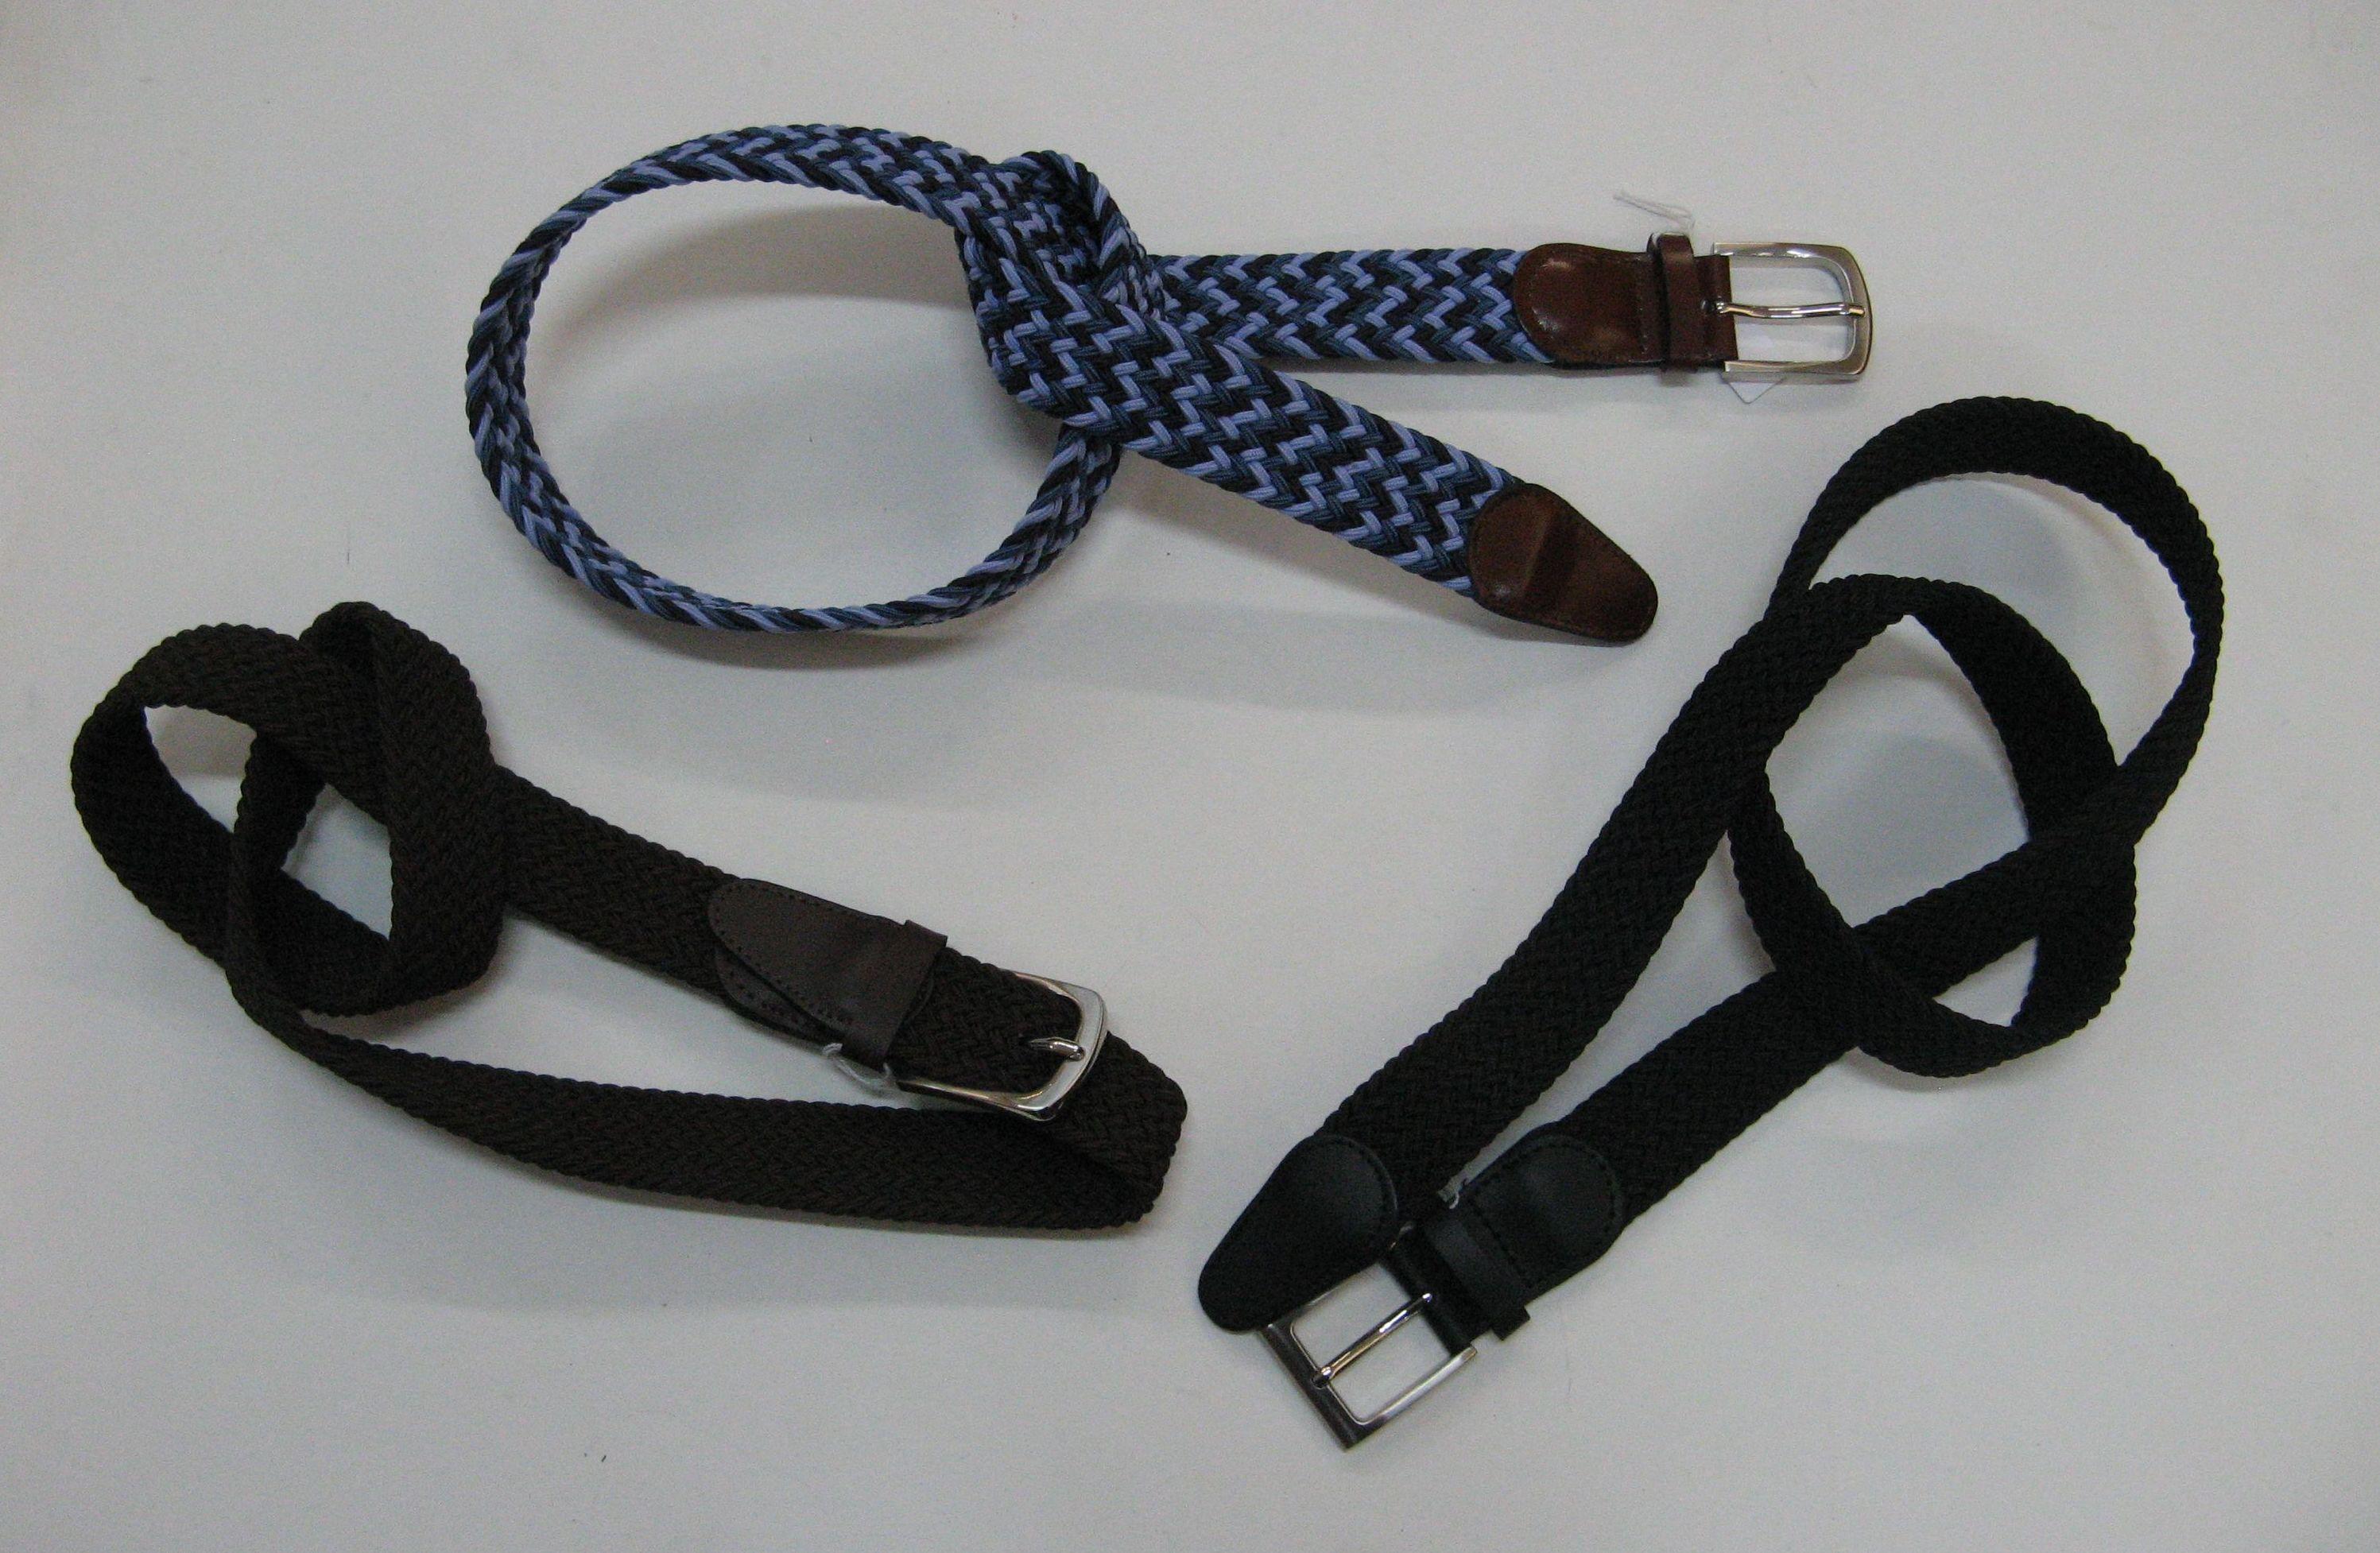 Cinturón elástico unisex